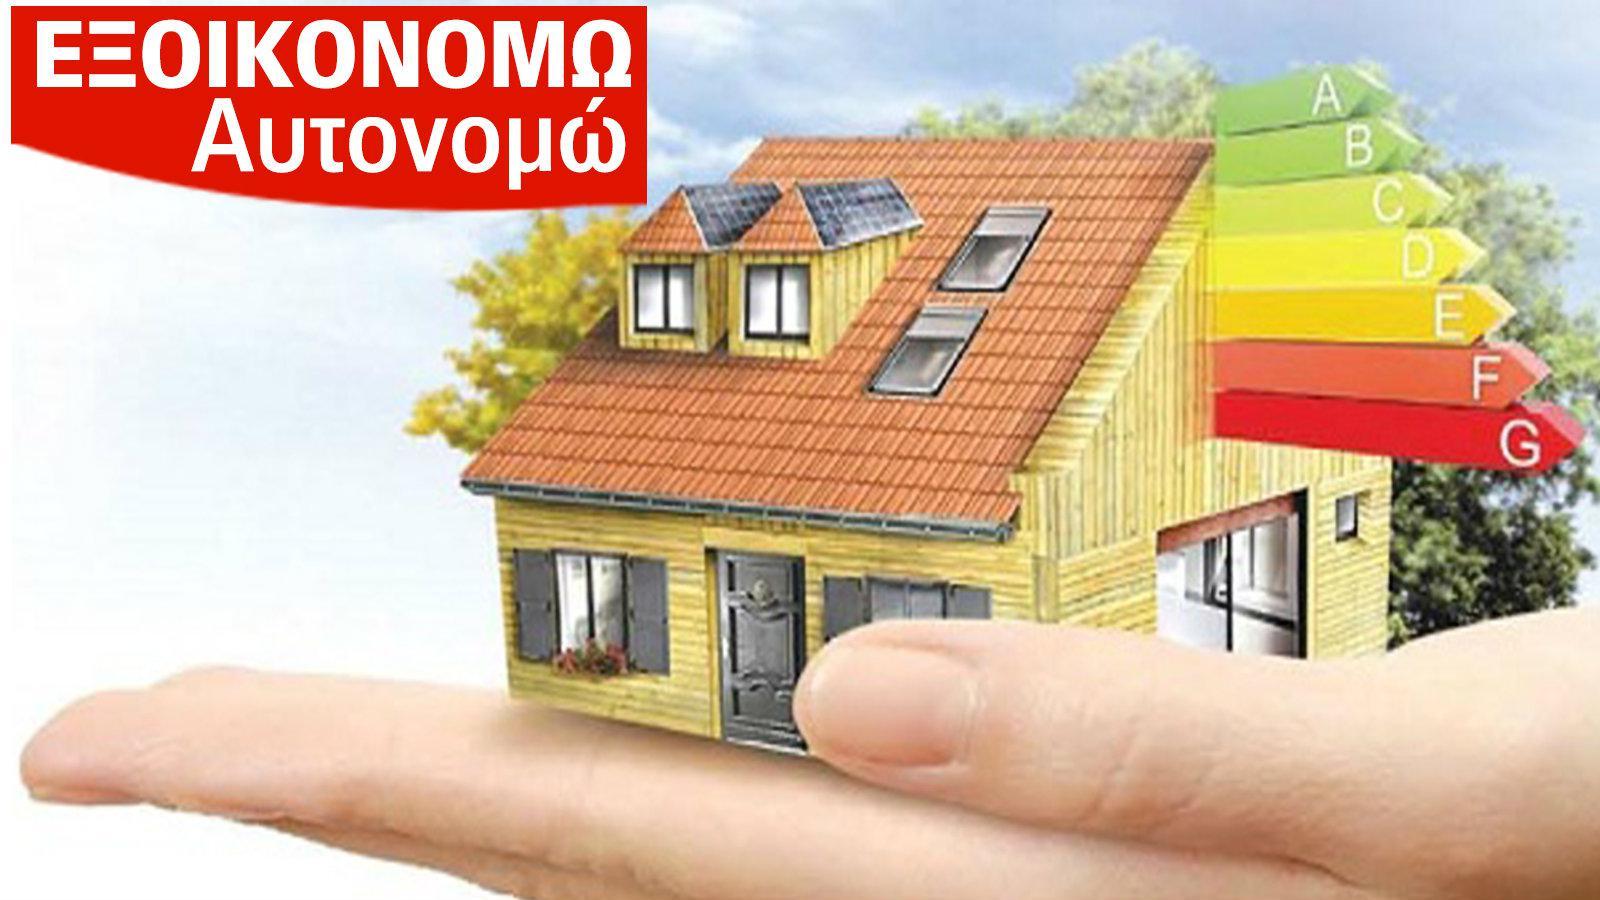 Εξοικονομώ - Αυτονομώ για πολυκατοικίες: Τα βήματα για επιχορηγήσεις έως 80%